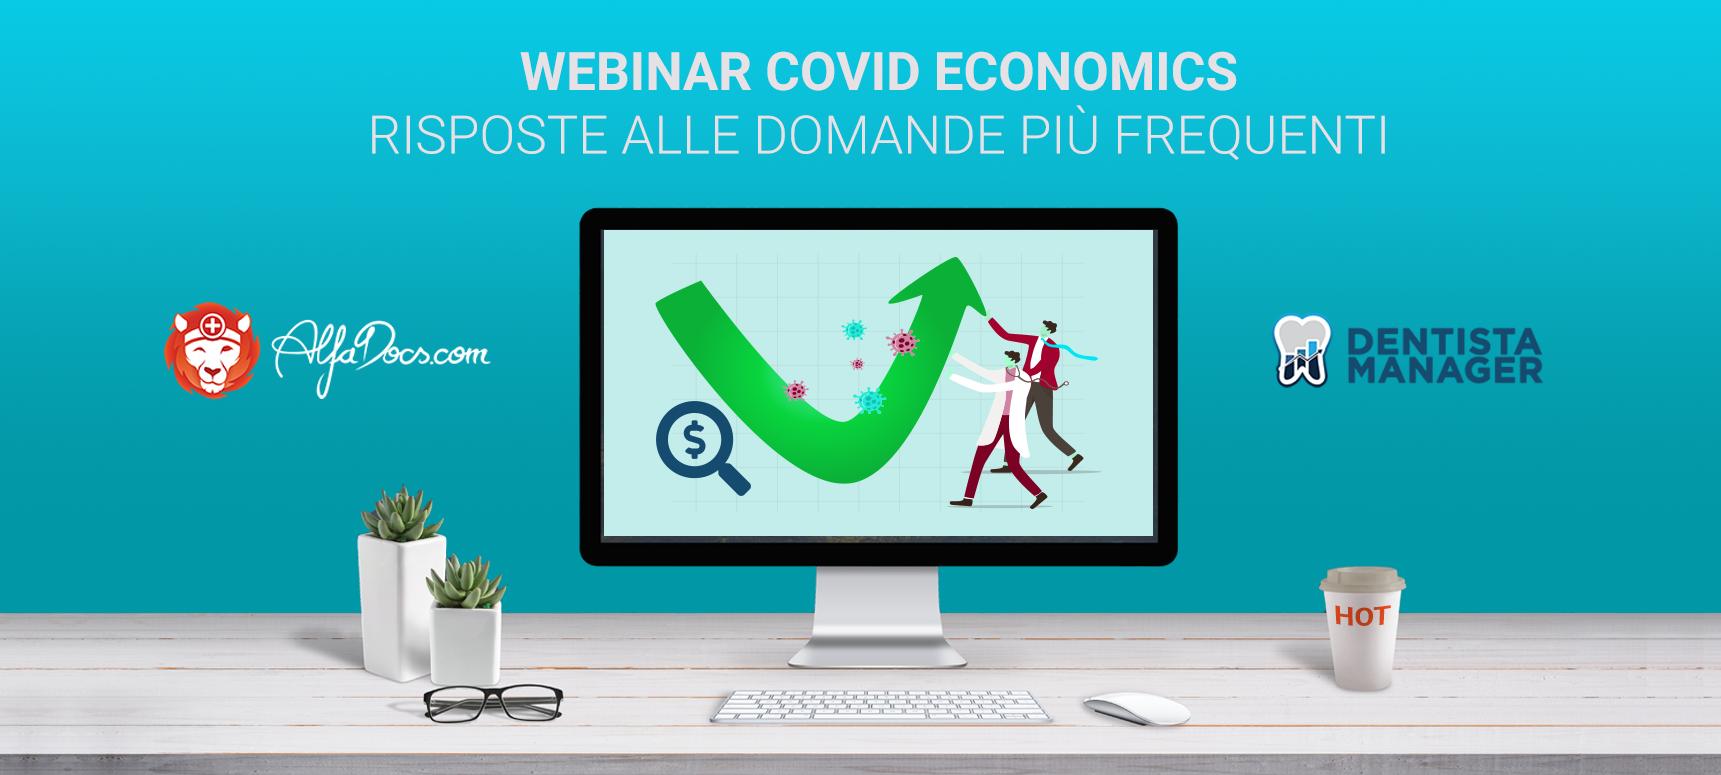 Webinar COVID Economics: le domande più frequenti